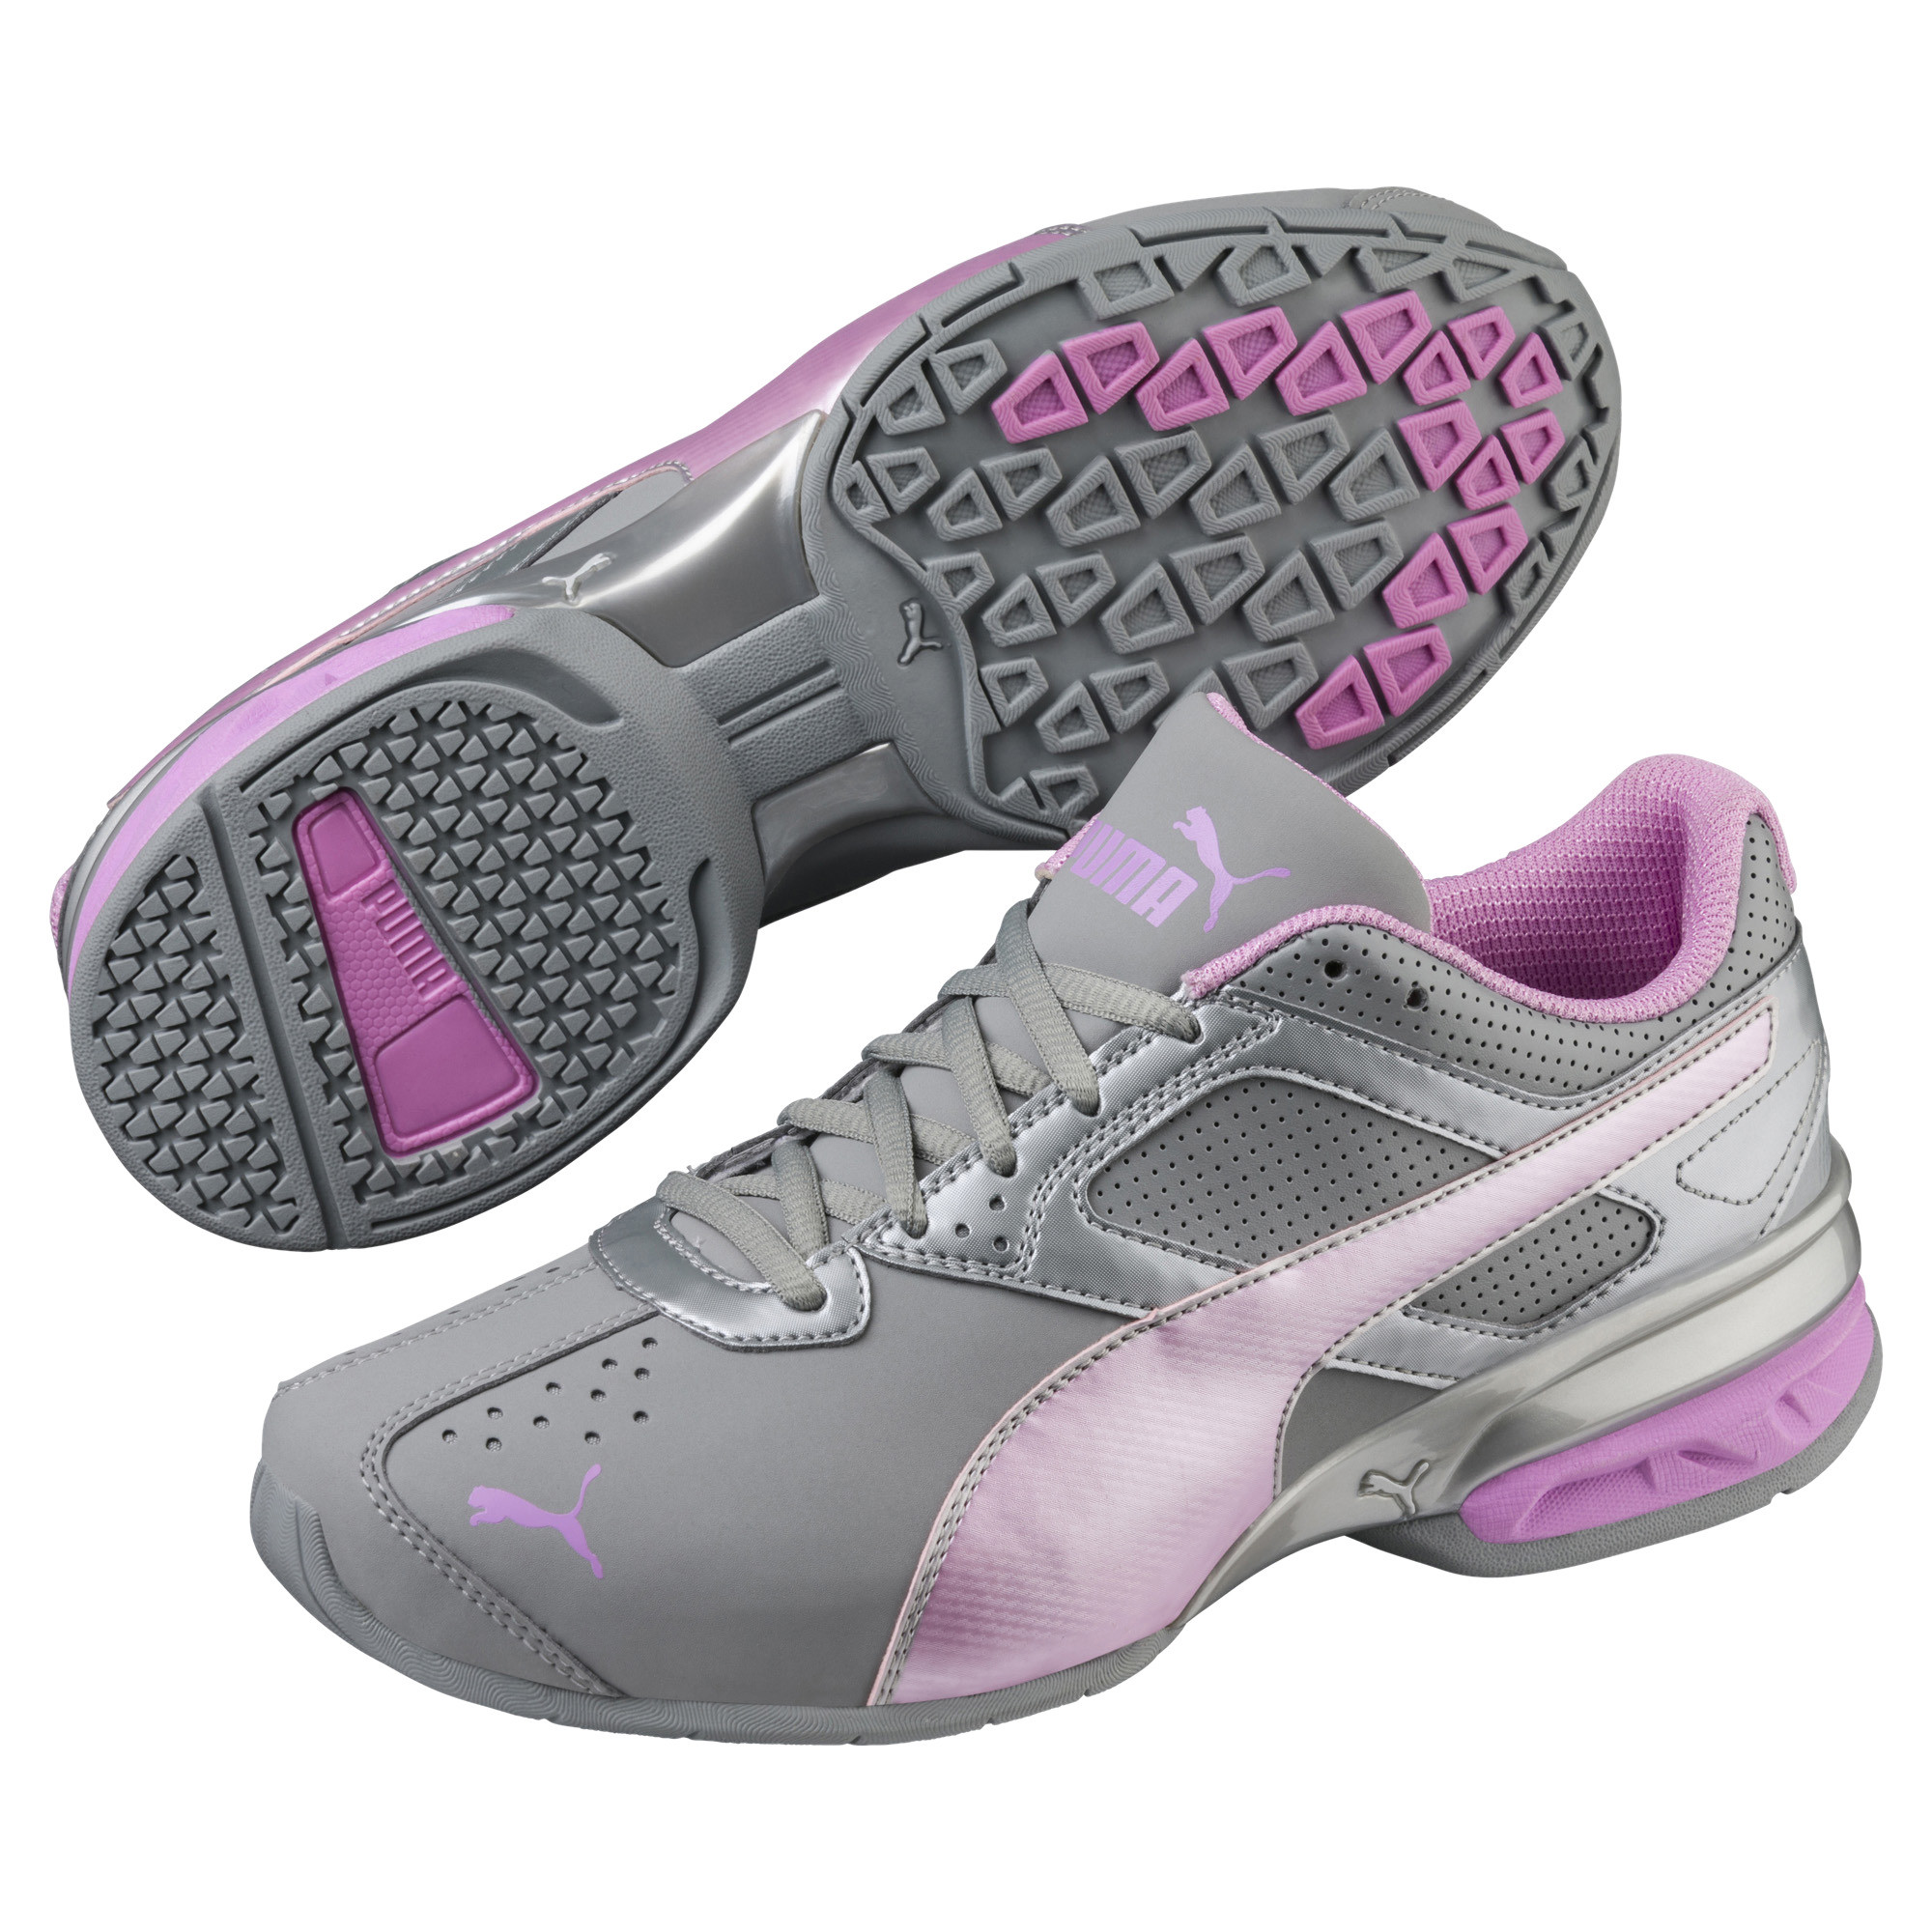 PUMA-Tazon-6-FM-Women-039-s-Sneakers-Women-Shoe-Running thumbnail 20